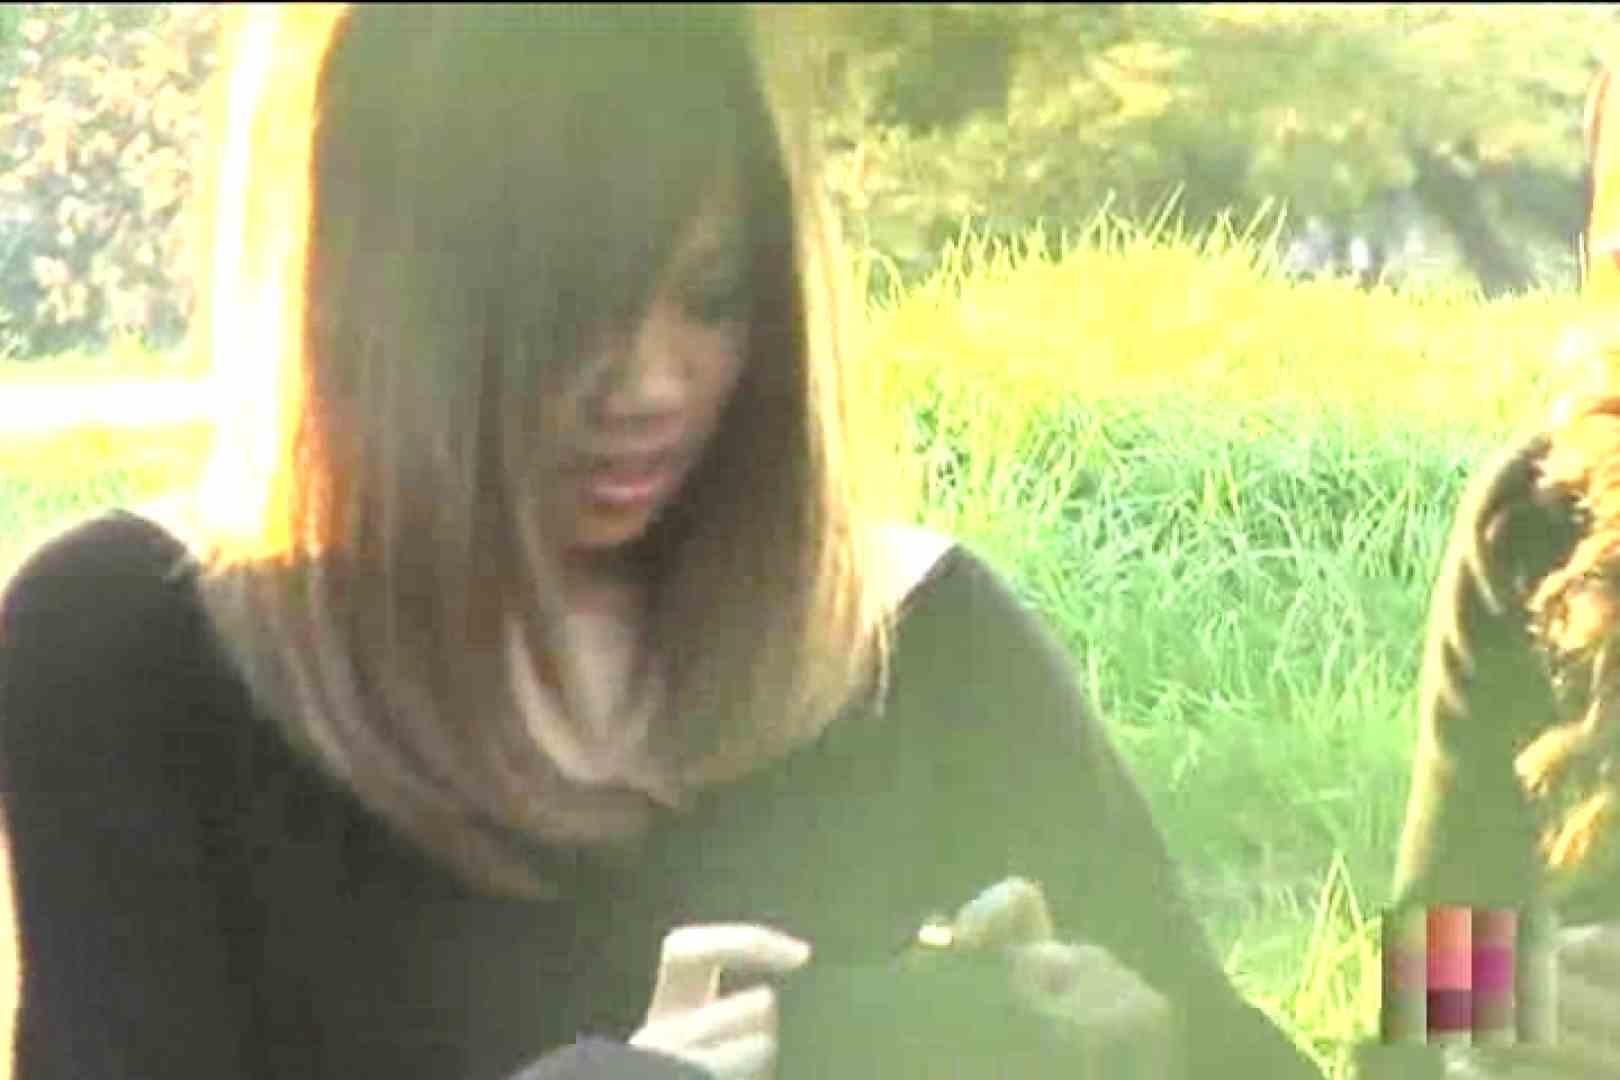 マンチラインパクトVol.1 ギャルエロ画像 隠し撮りオマンコ動画紹介 54PICs 7